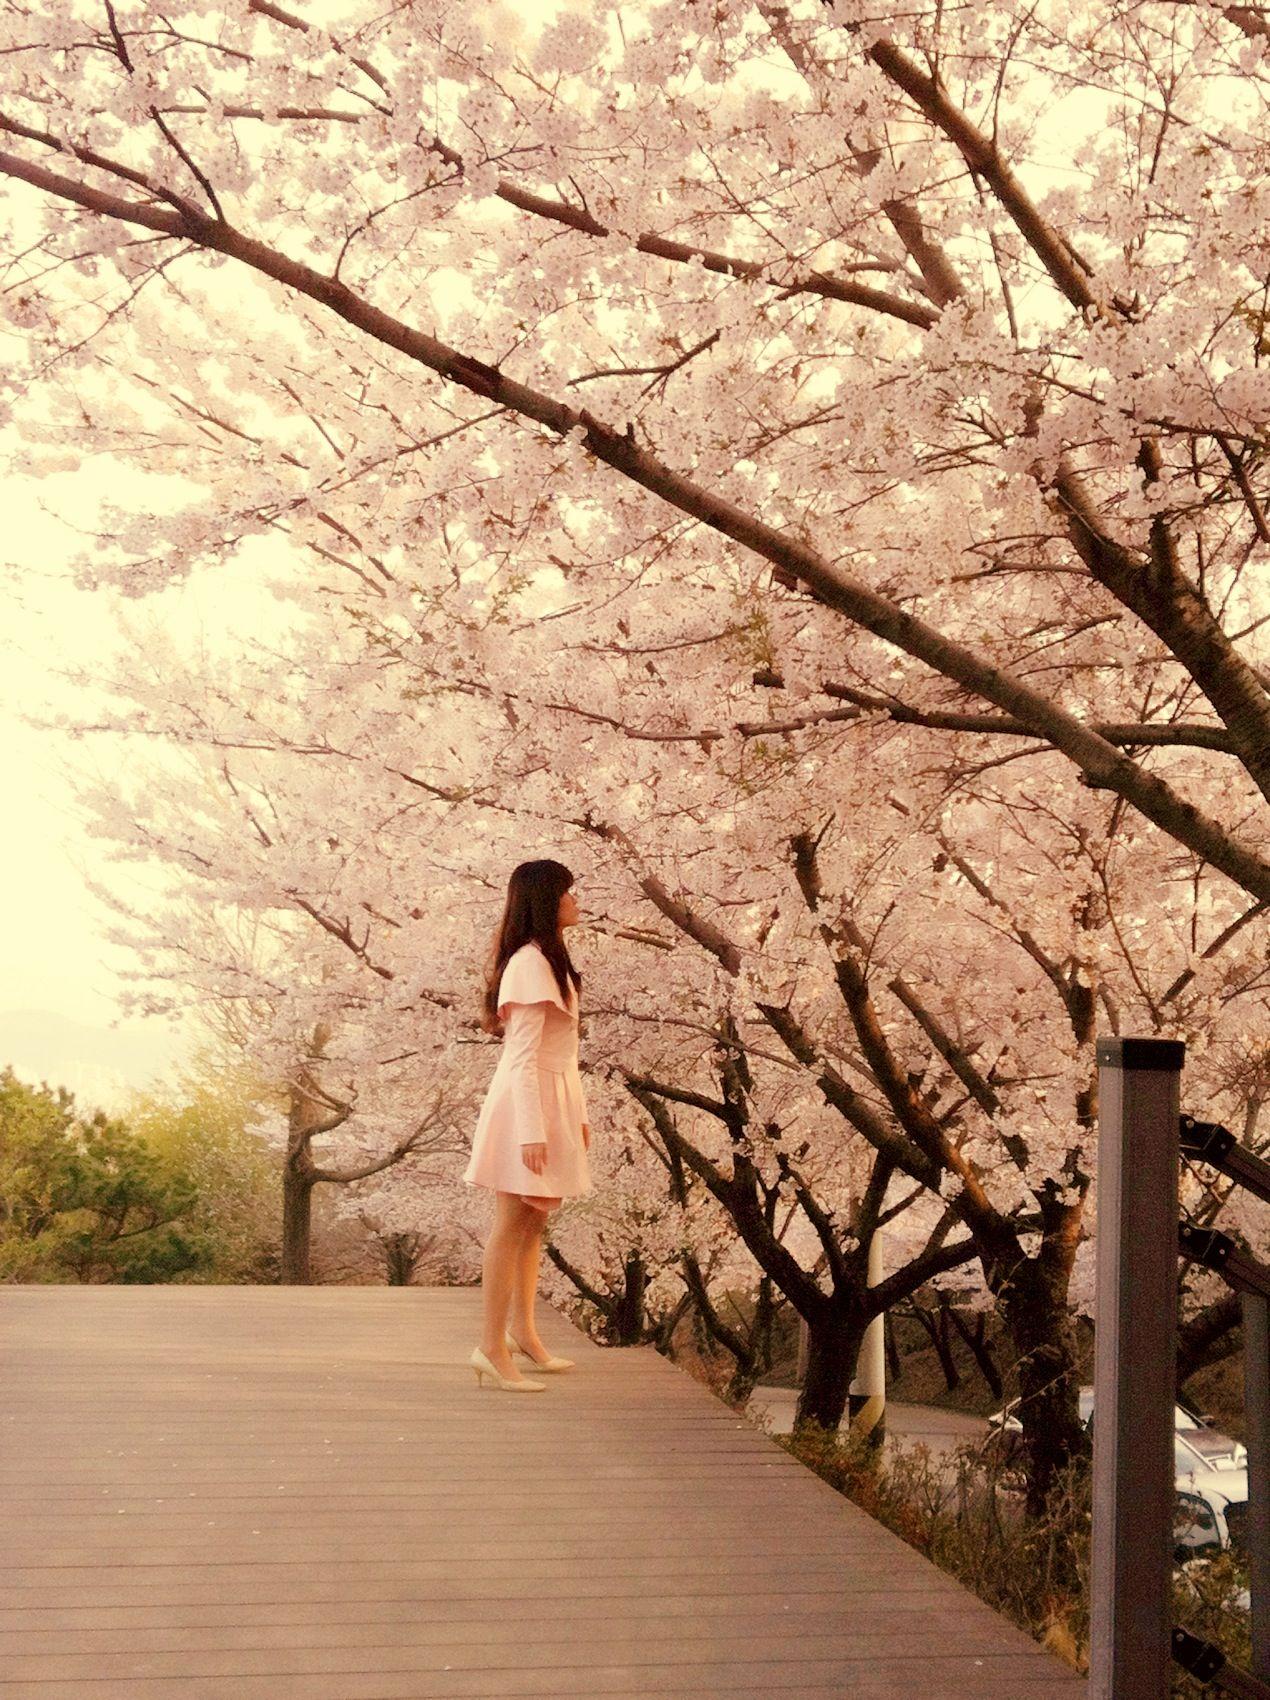 Cherry Blossom Busan Korea South Korea Travel South Korea Korea Travel